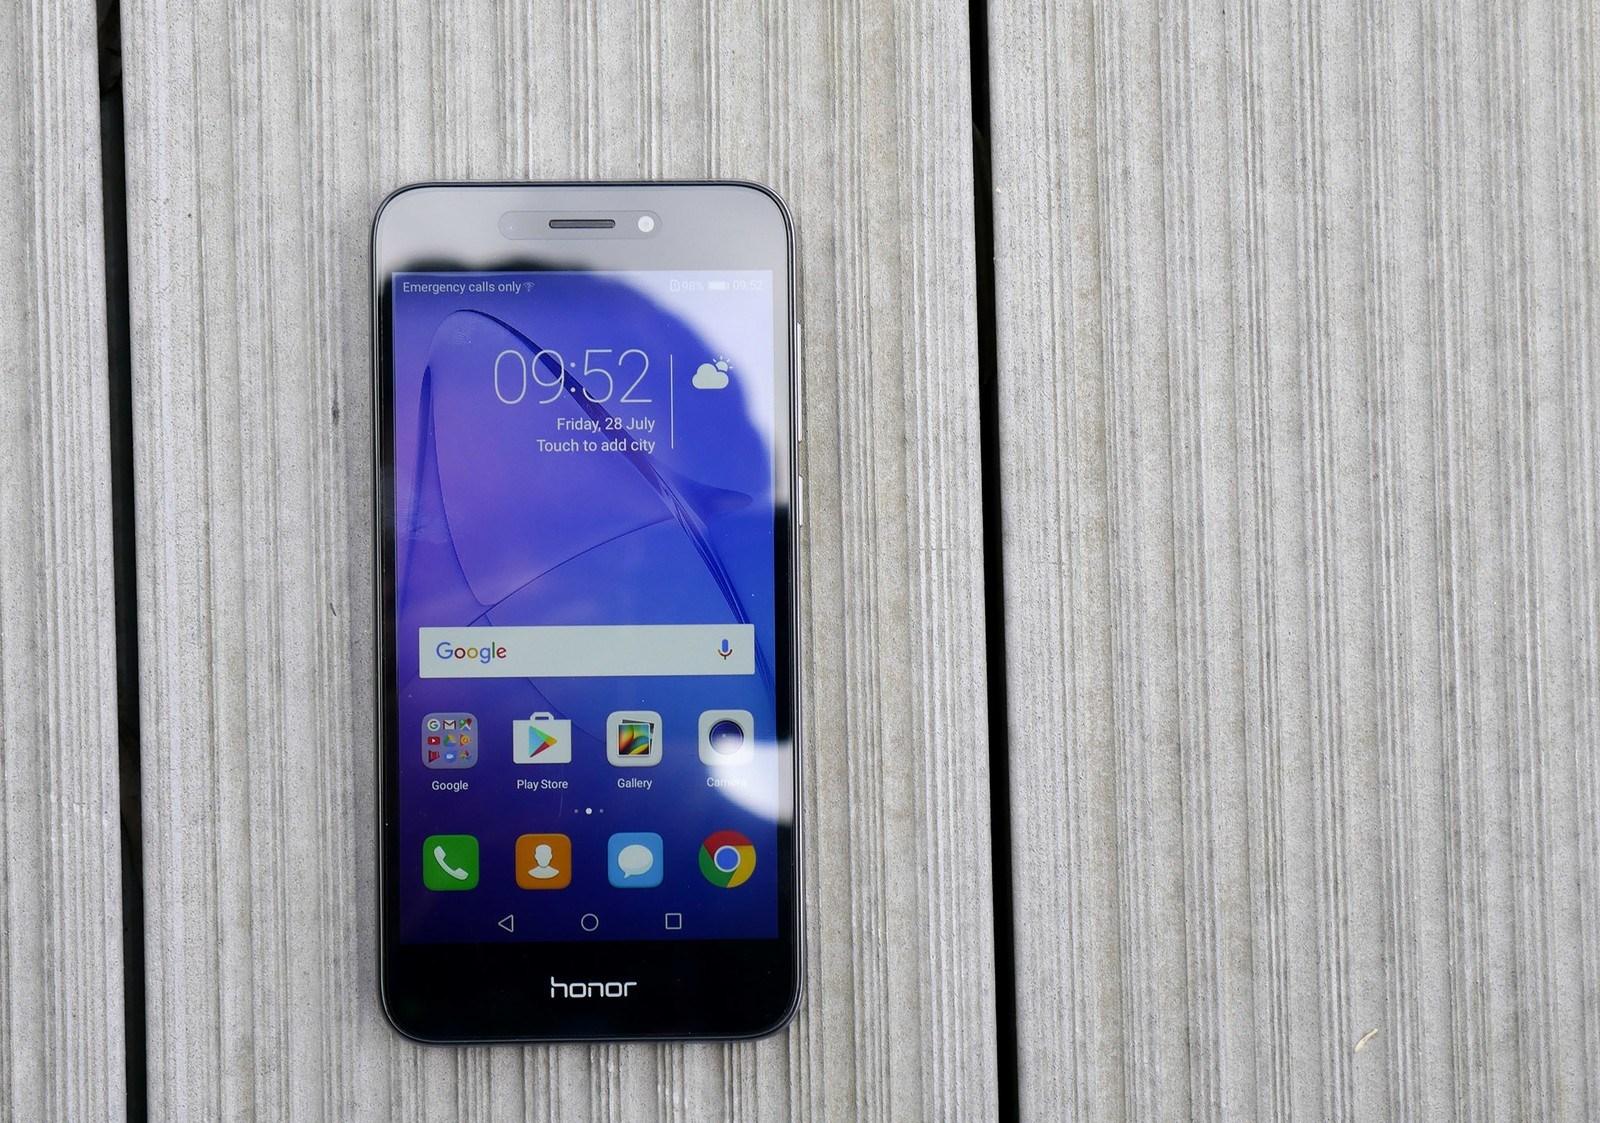 ما هي أفضل الهواتف الذكية الرخيصة في 2019 وأسعارها؟